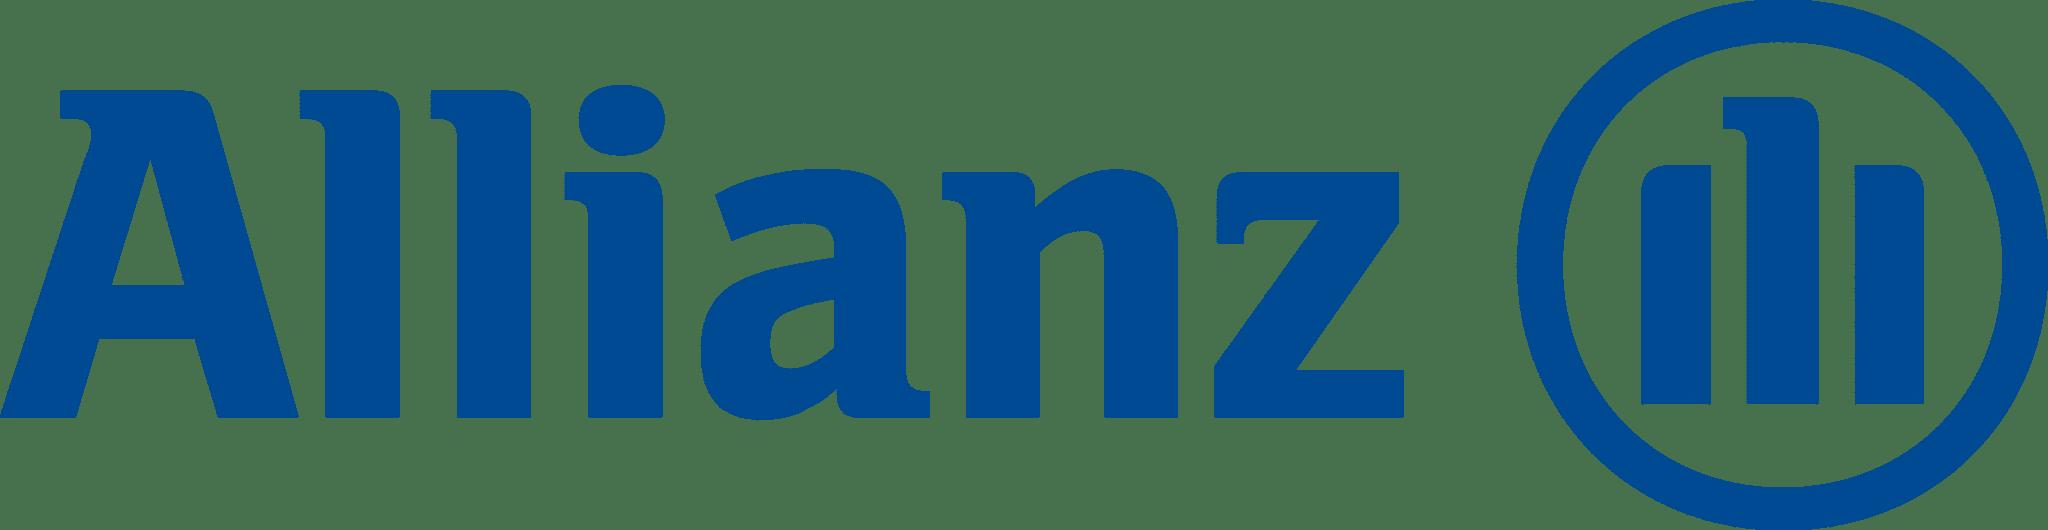 https://retirementrealizedfinancial.com/wp-content/uploads/sites/185/2020/07/Allianz.png